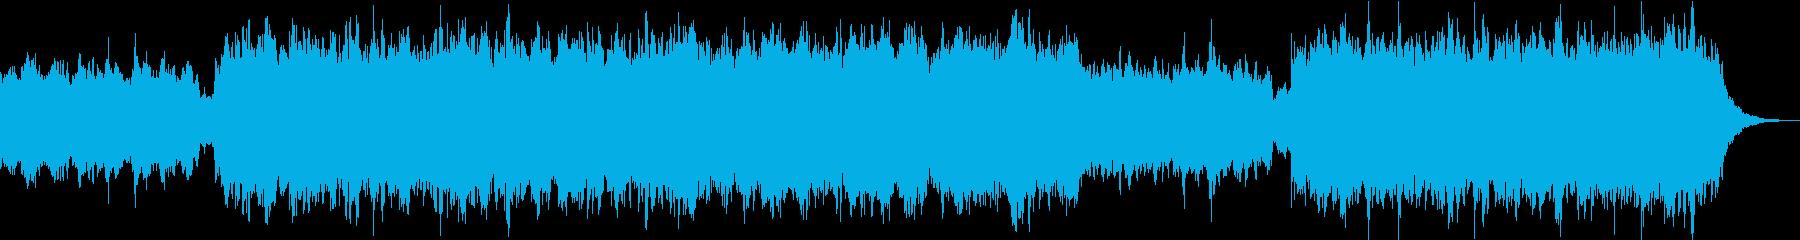 幻想的なヒーリングBGMの再生済みの波形